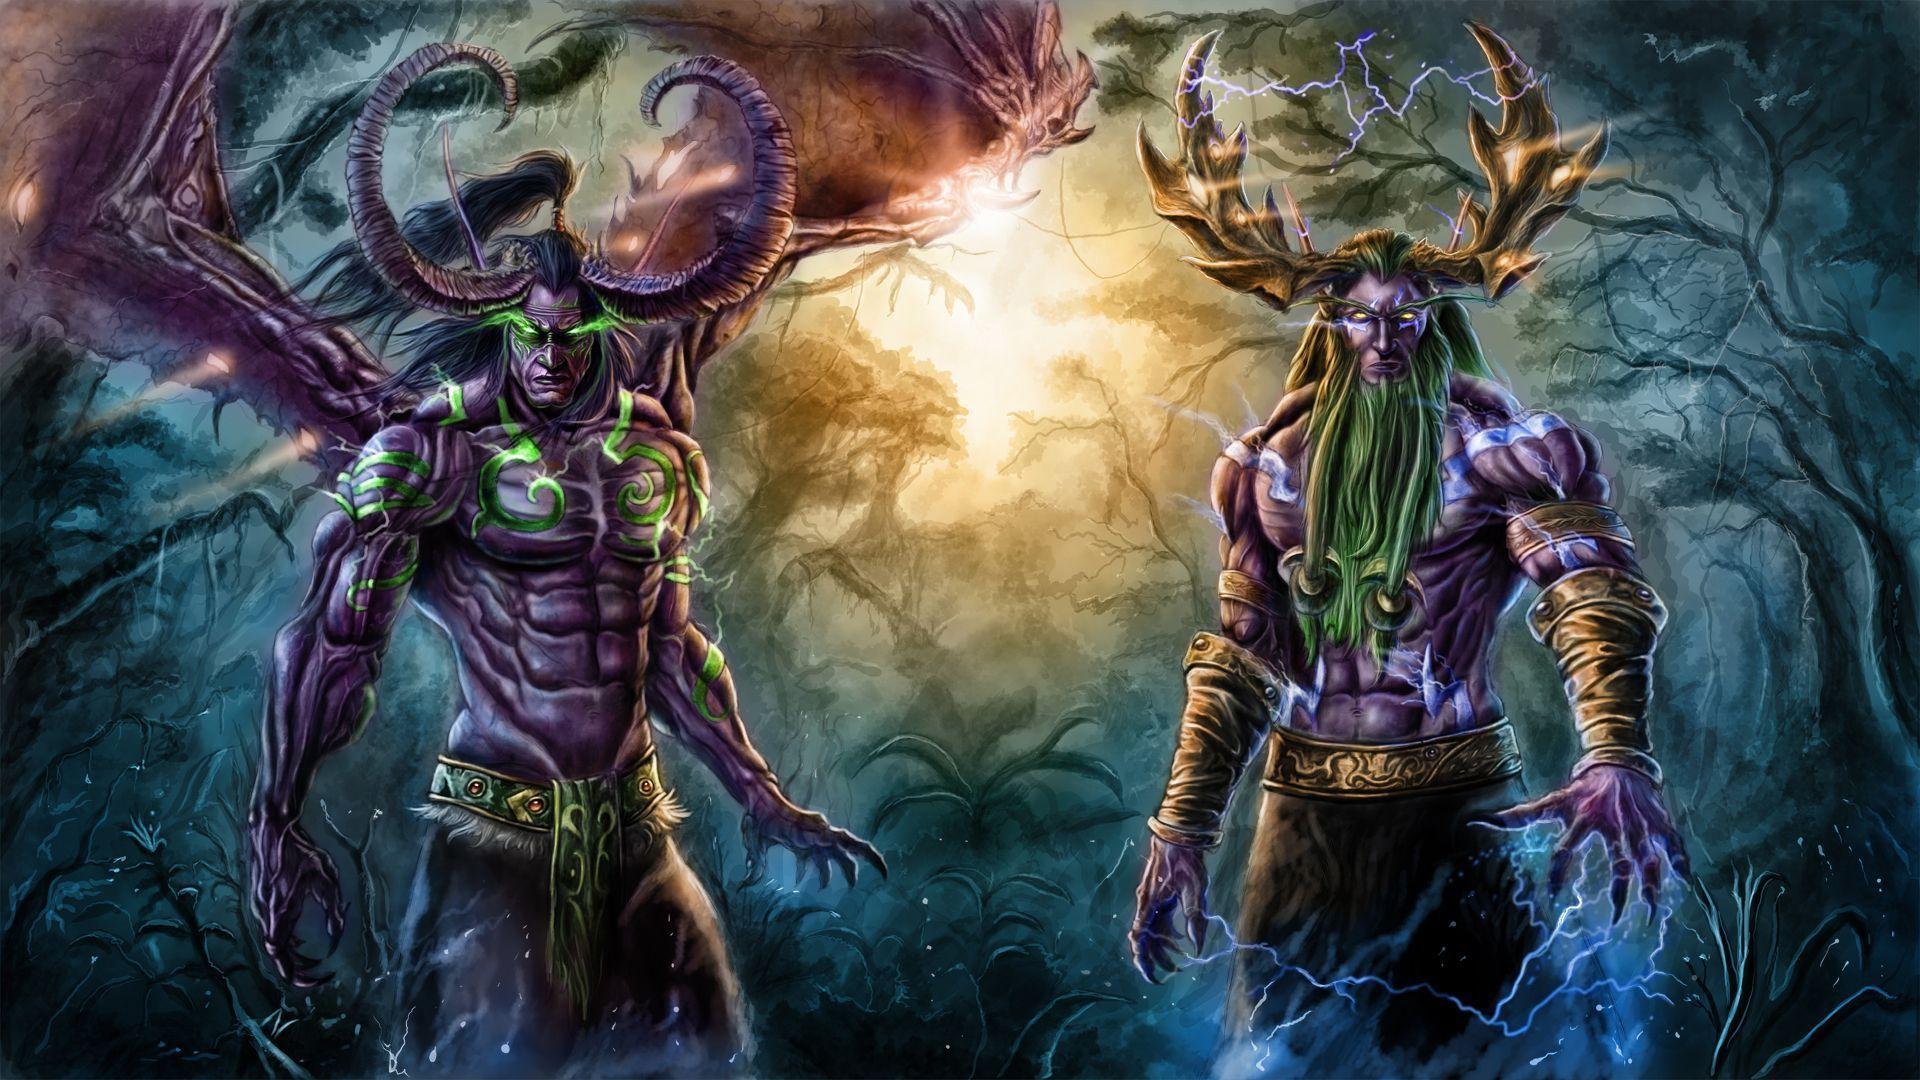 Wallpaper dota terrorblade demon art lightning forest